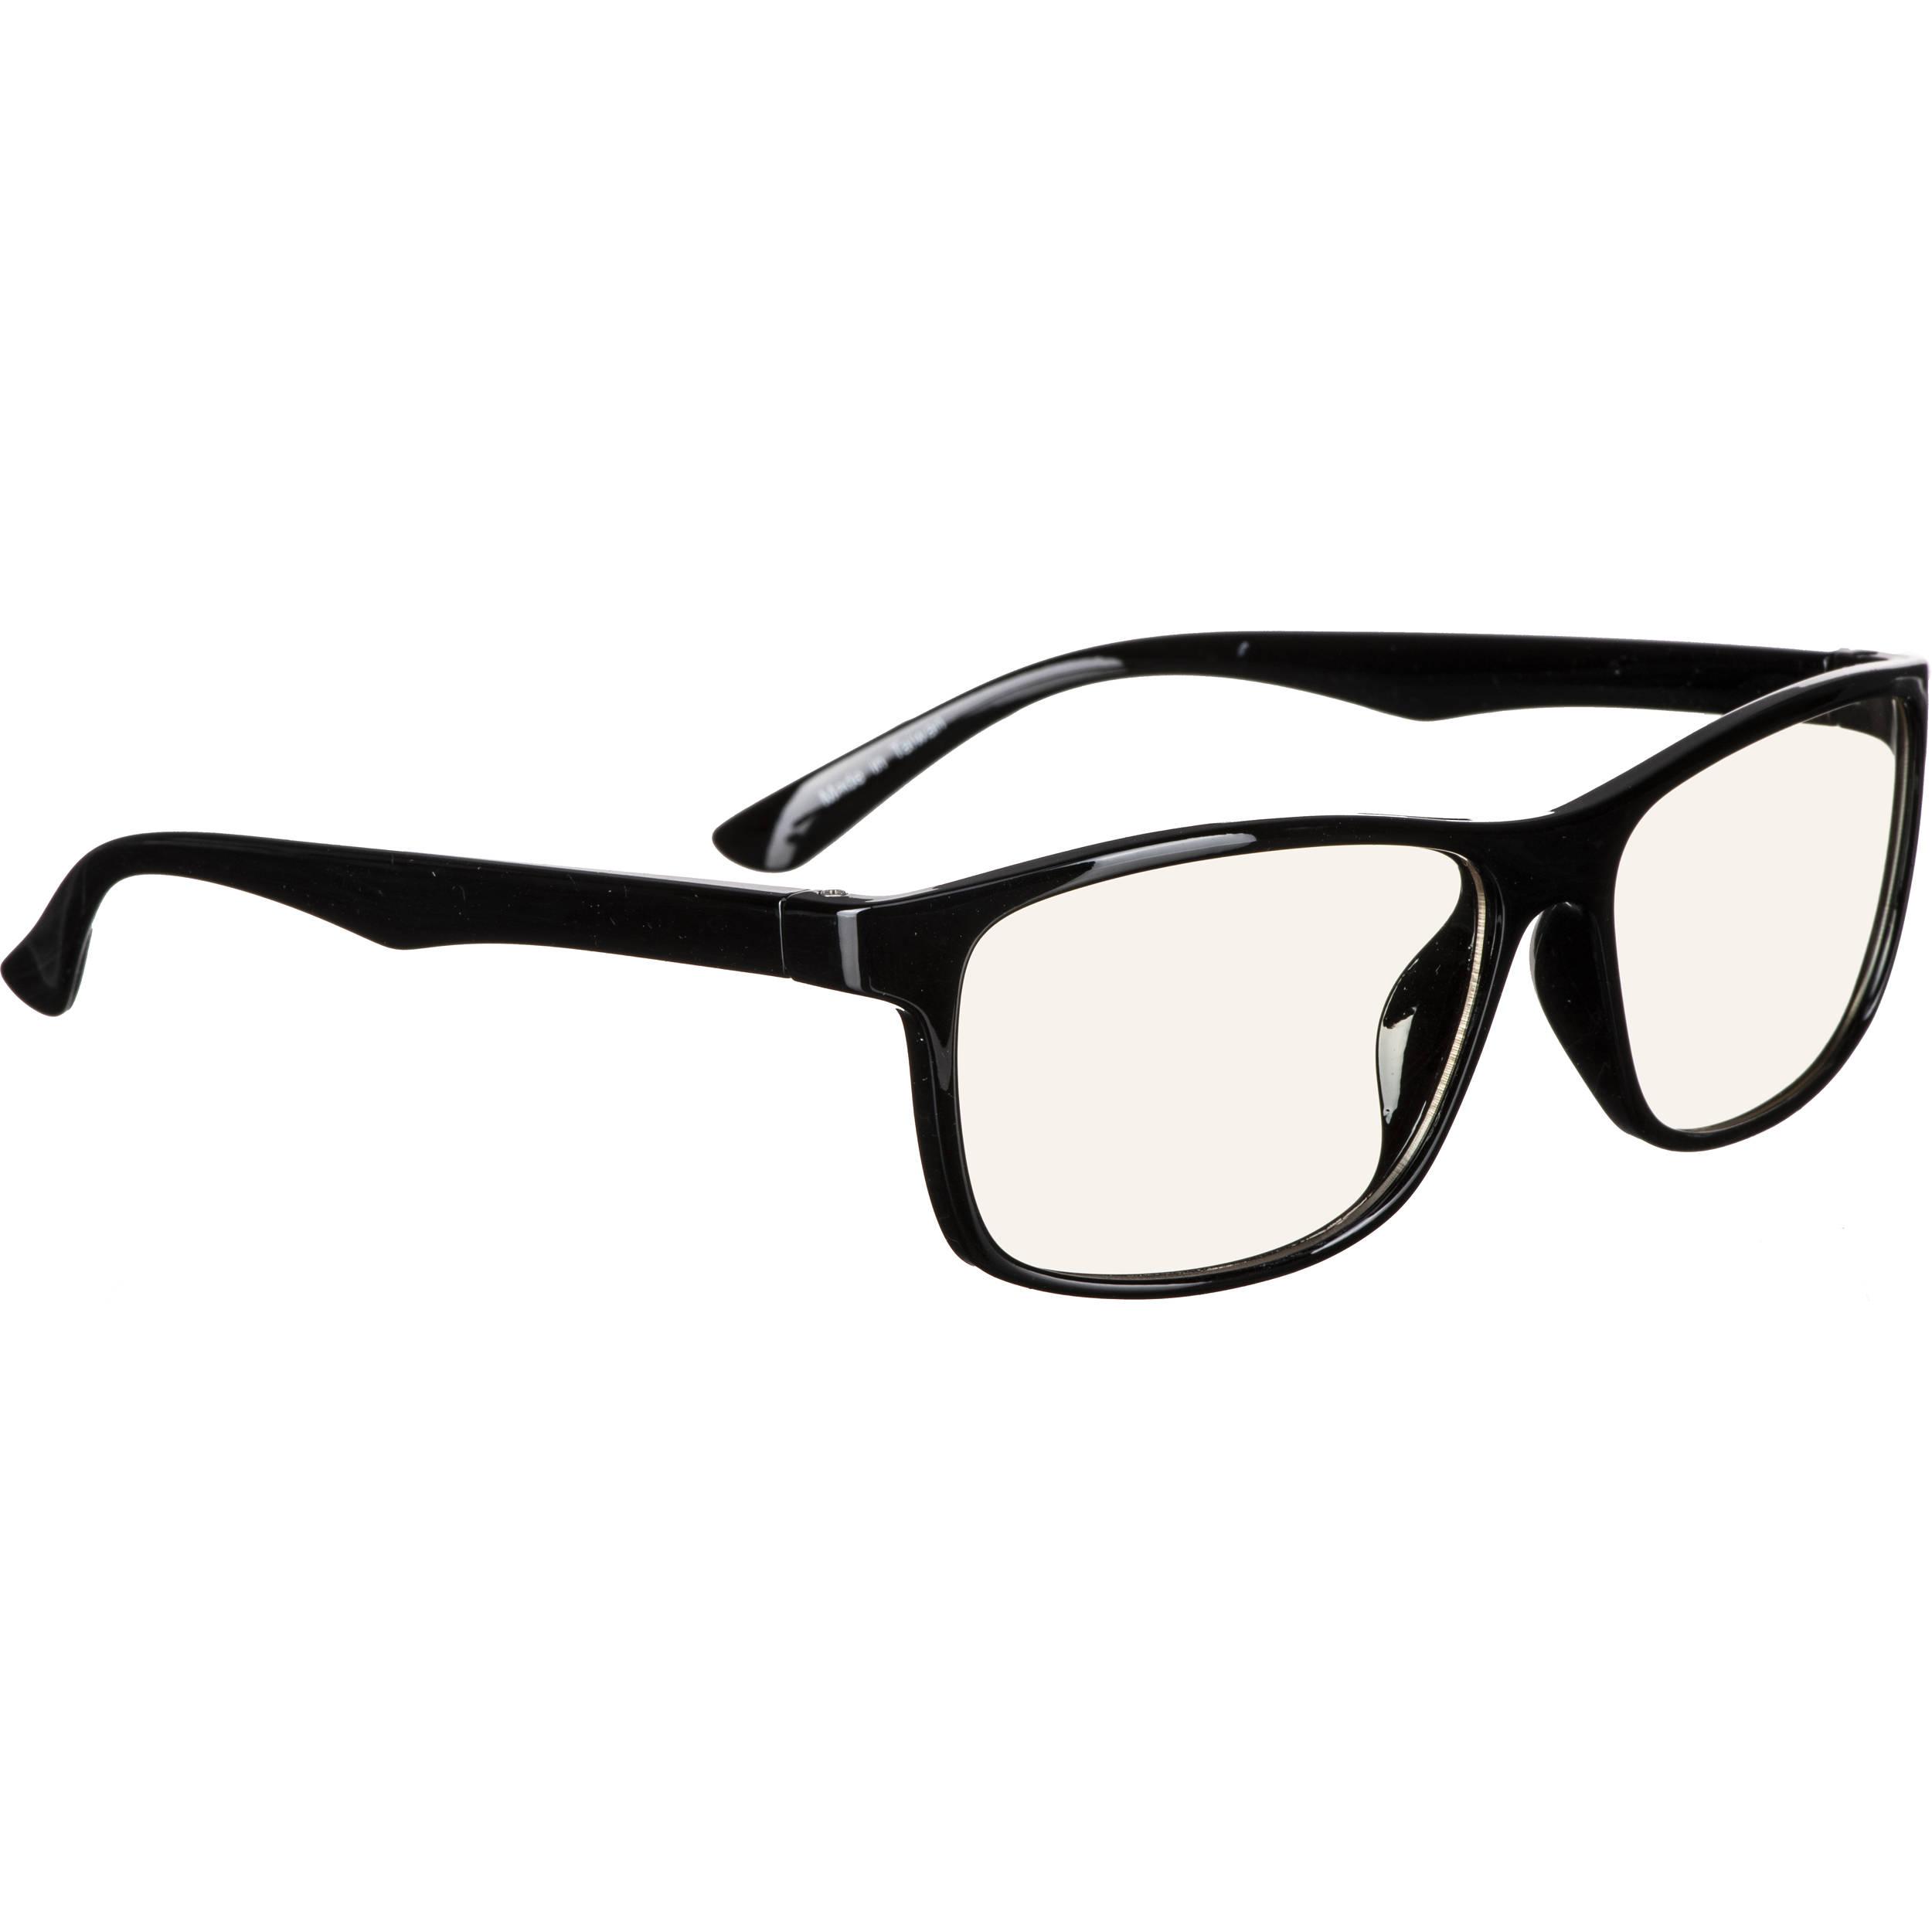 Hornettek Ht Gl B104 K Blue Light Blocking Glasses Ht Gl